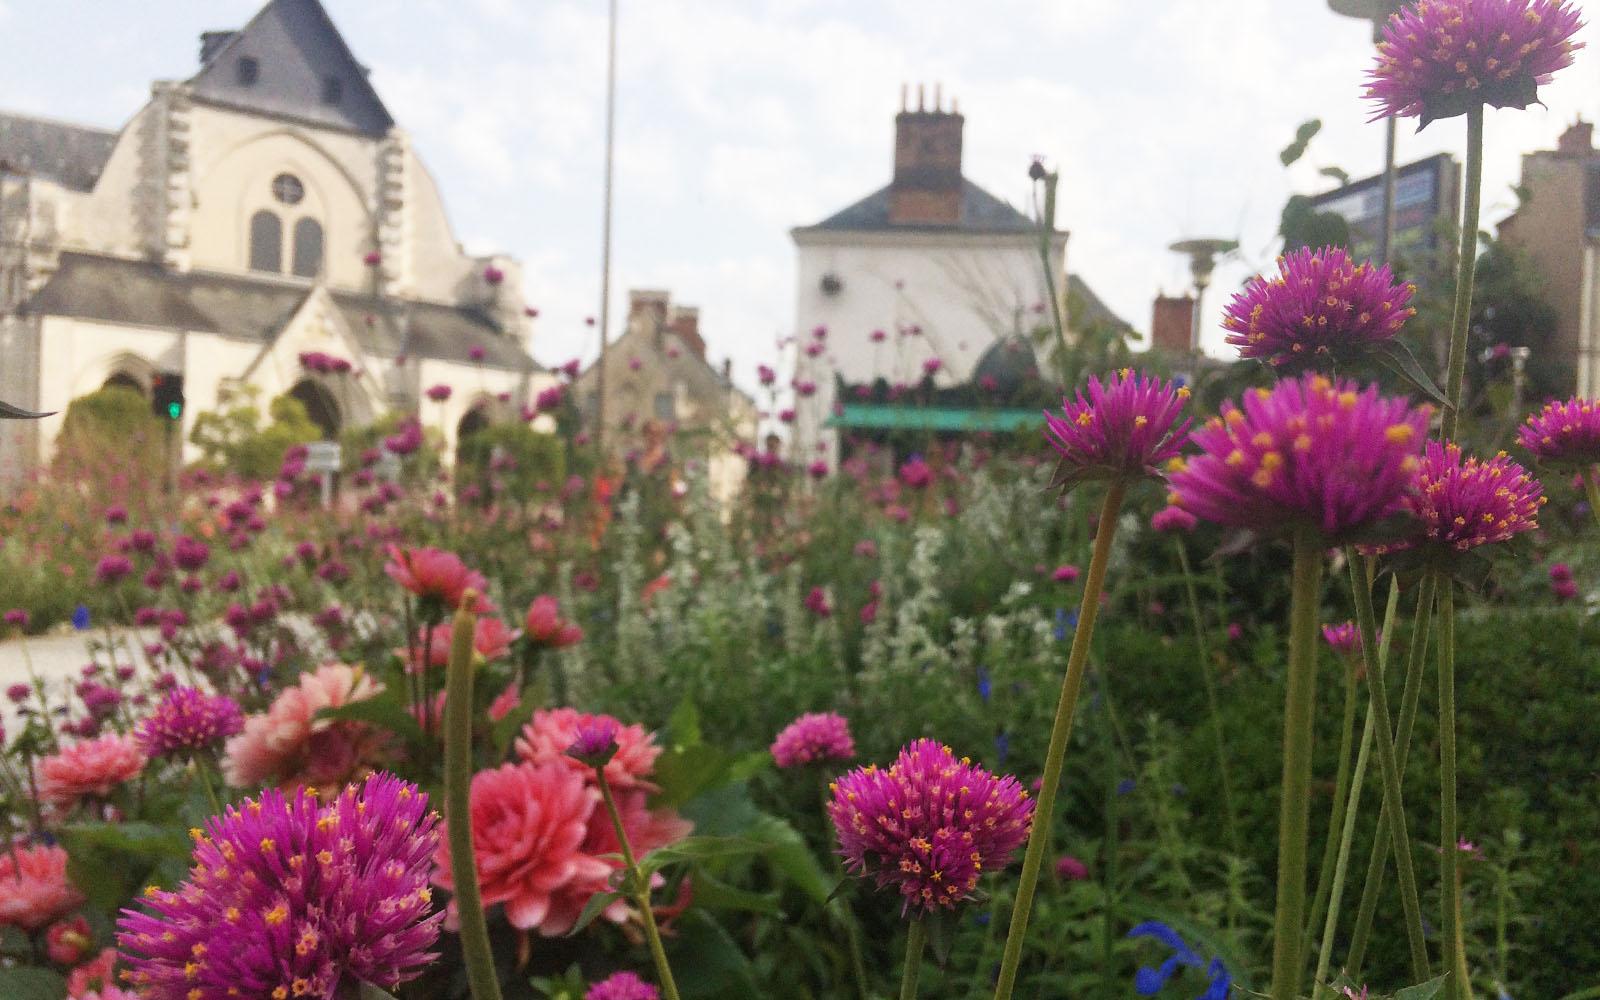 Uno scorcio di Orléans in fiore